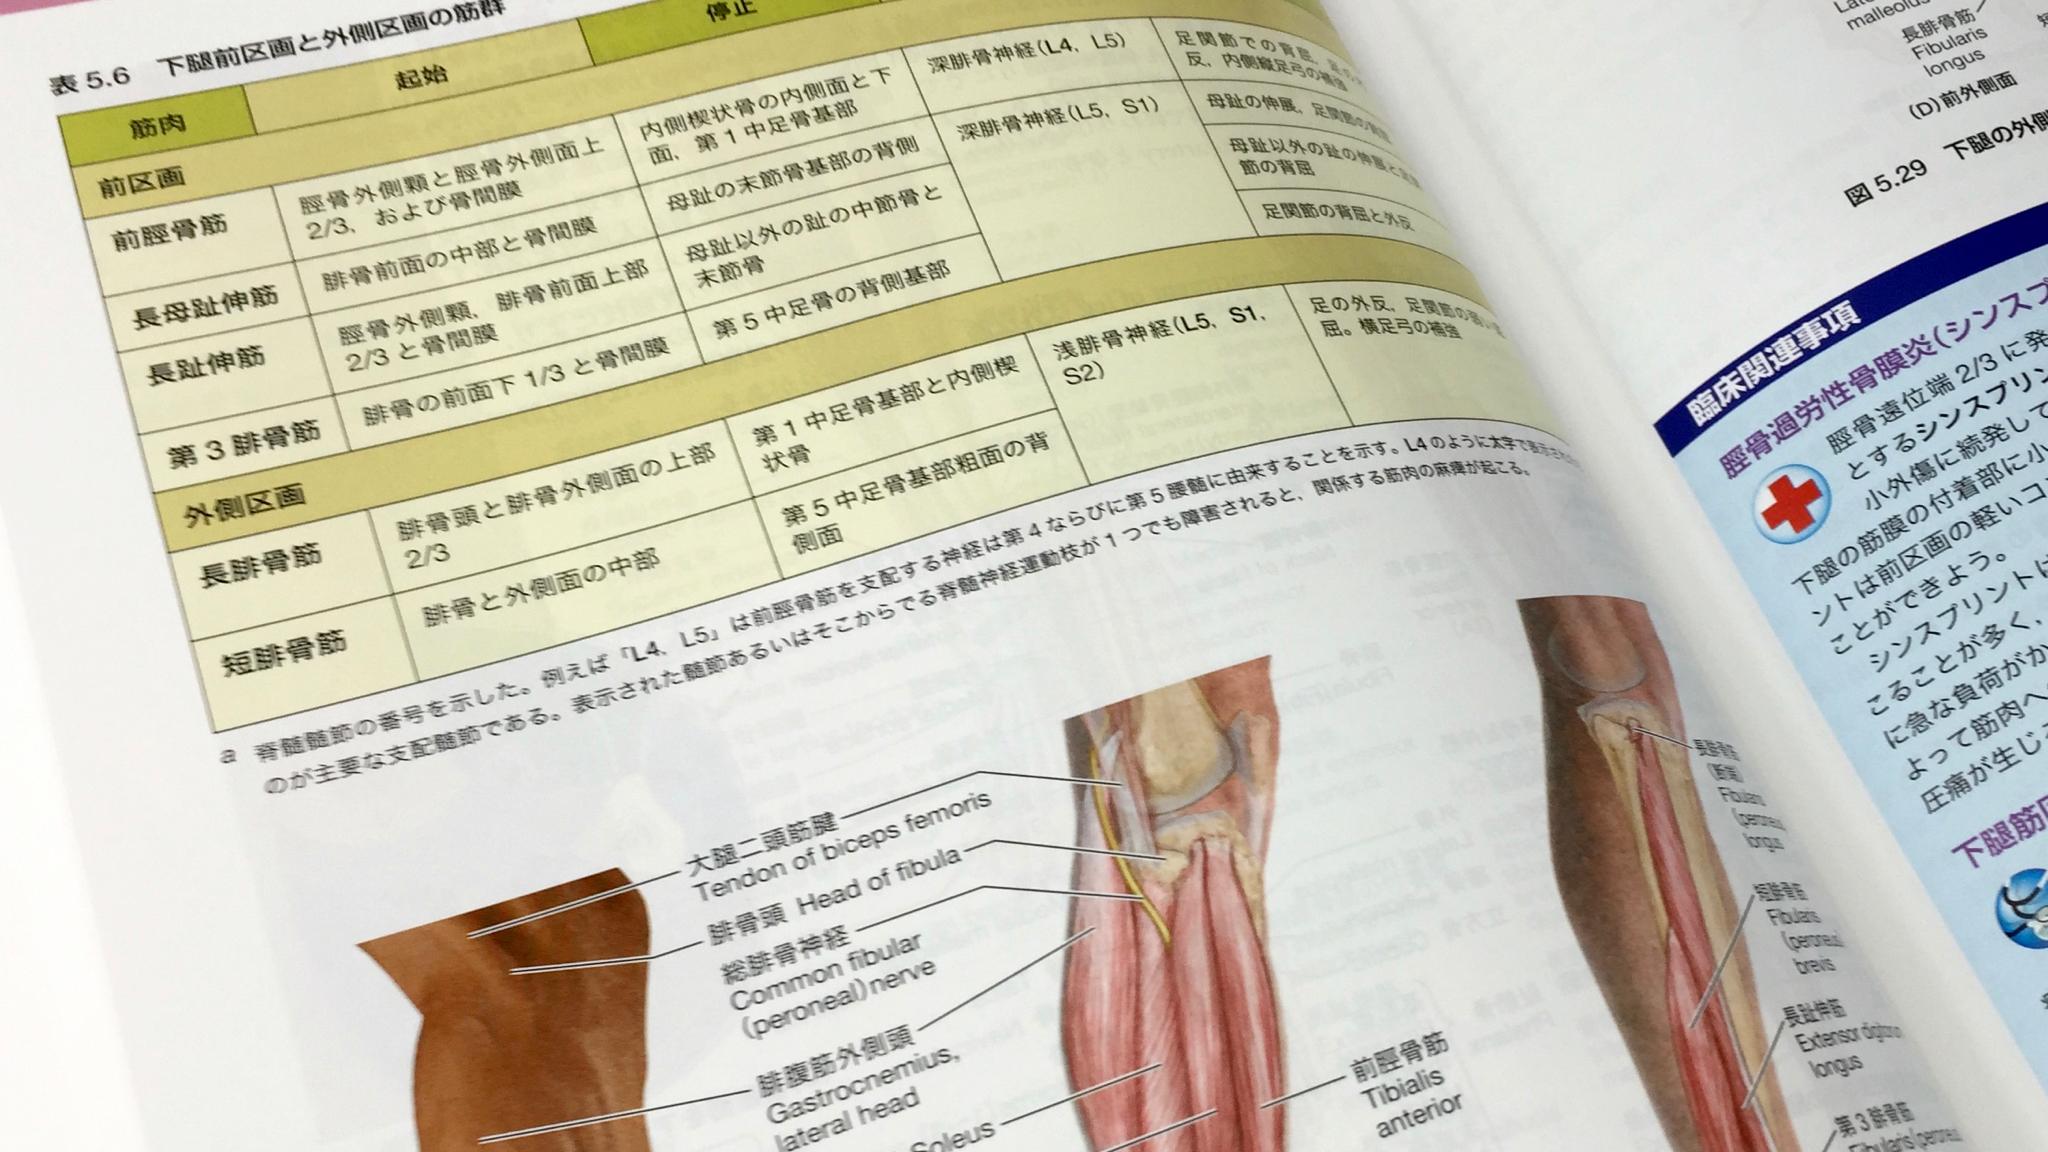 筋の起始停止神経は表に。